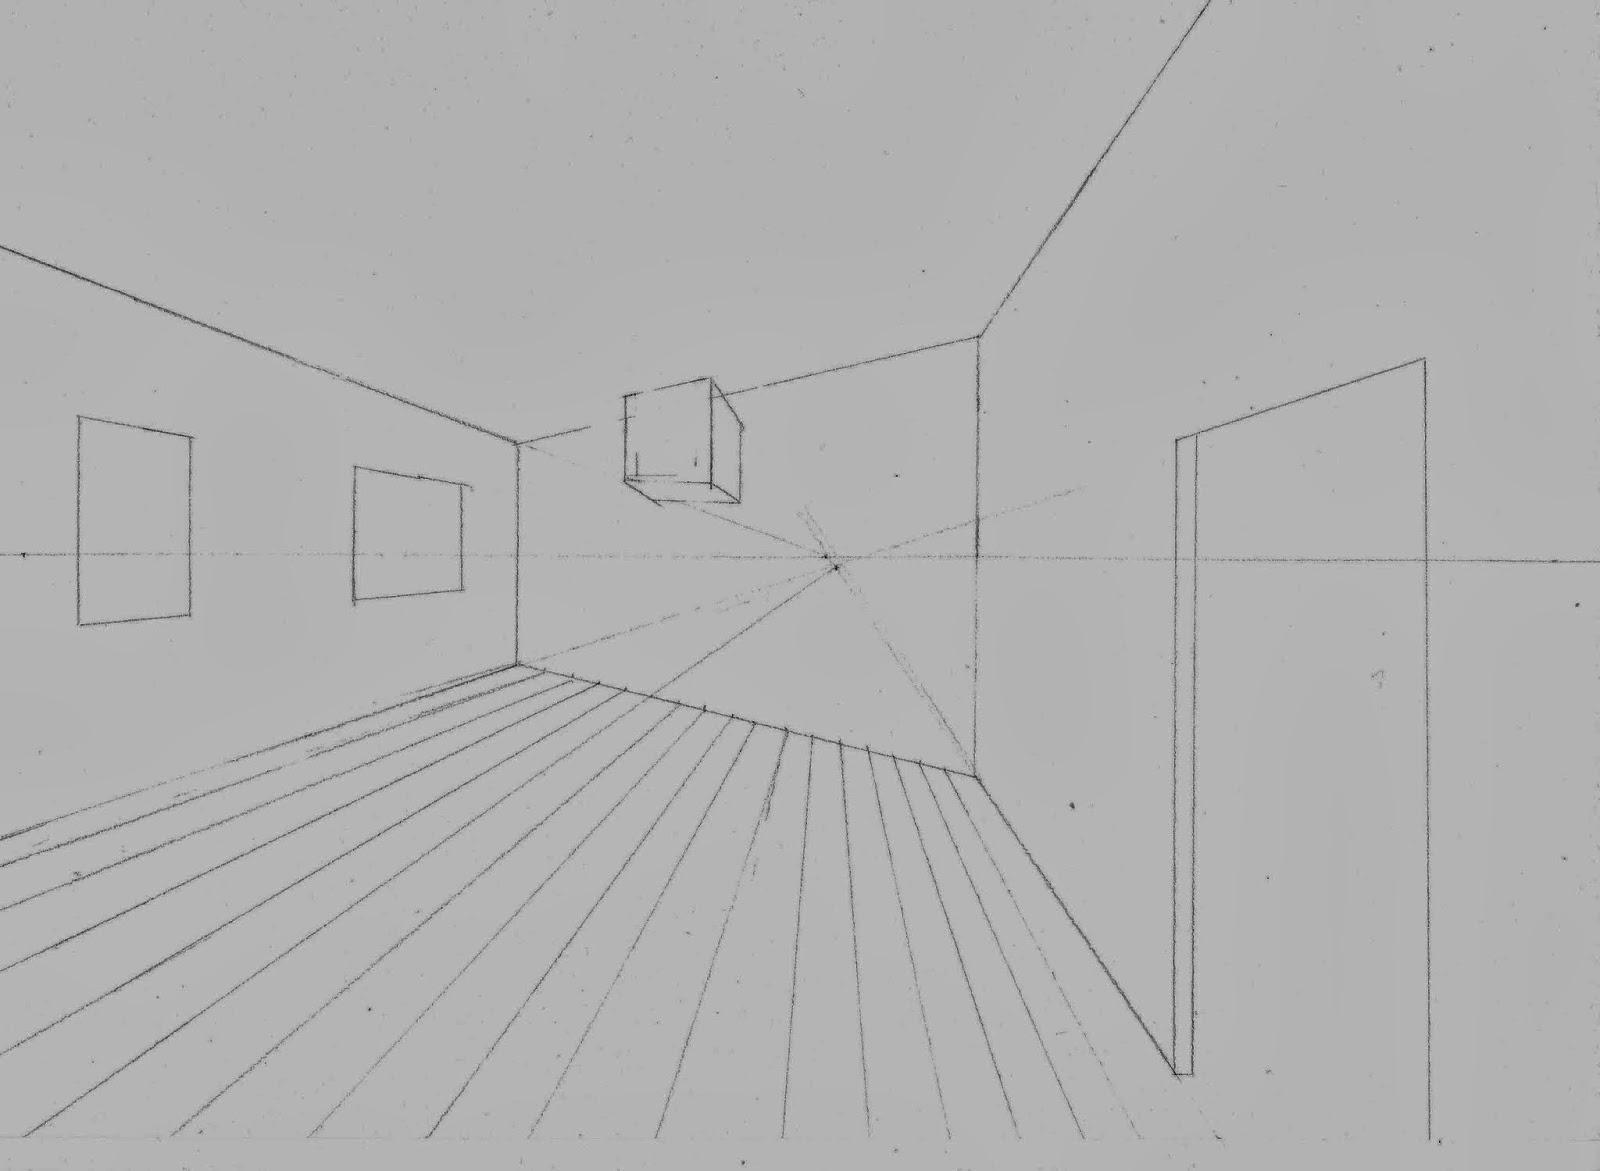 Desin D Interieur En Perspective Avec 1 Point De Fuite : Chez vapi dessins et illustrations initiation au dessin